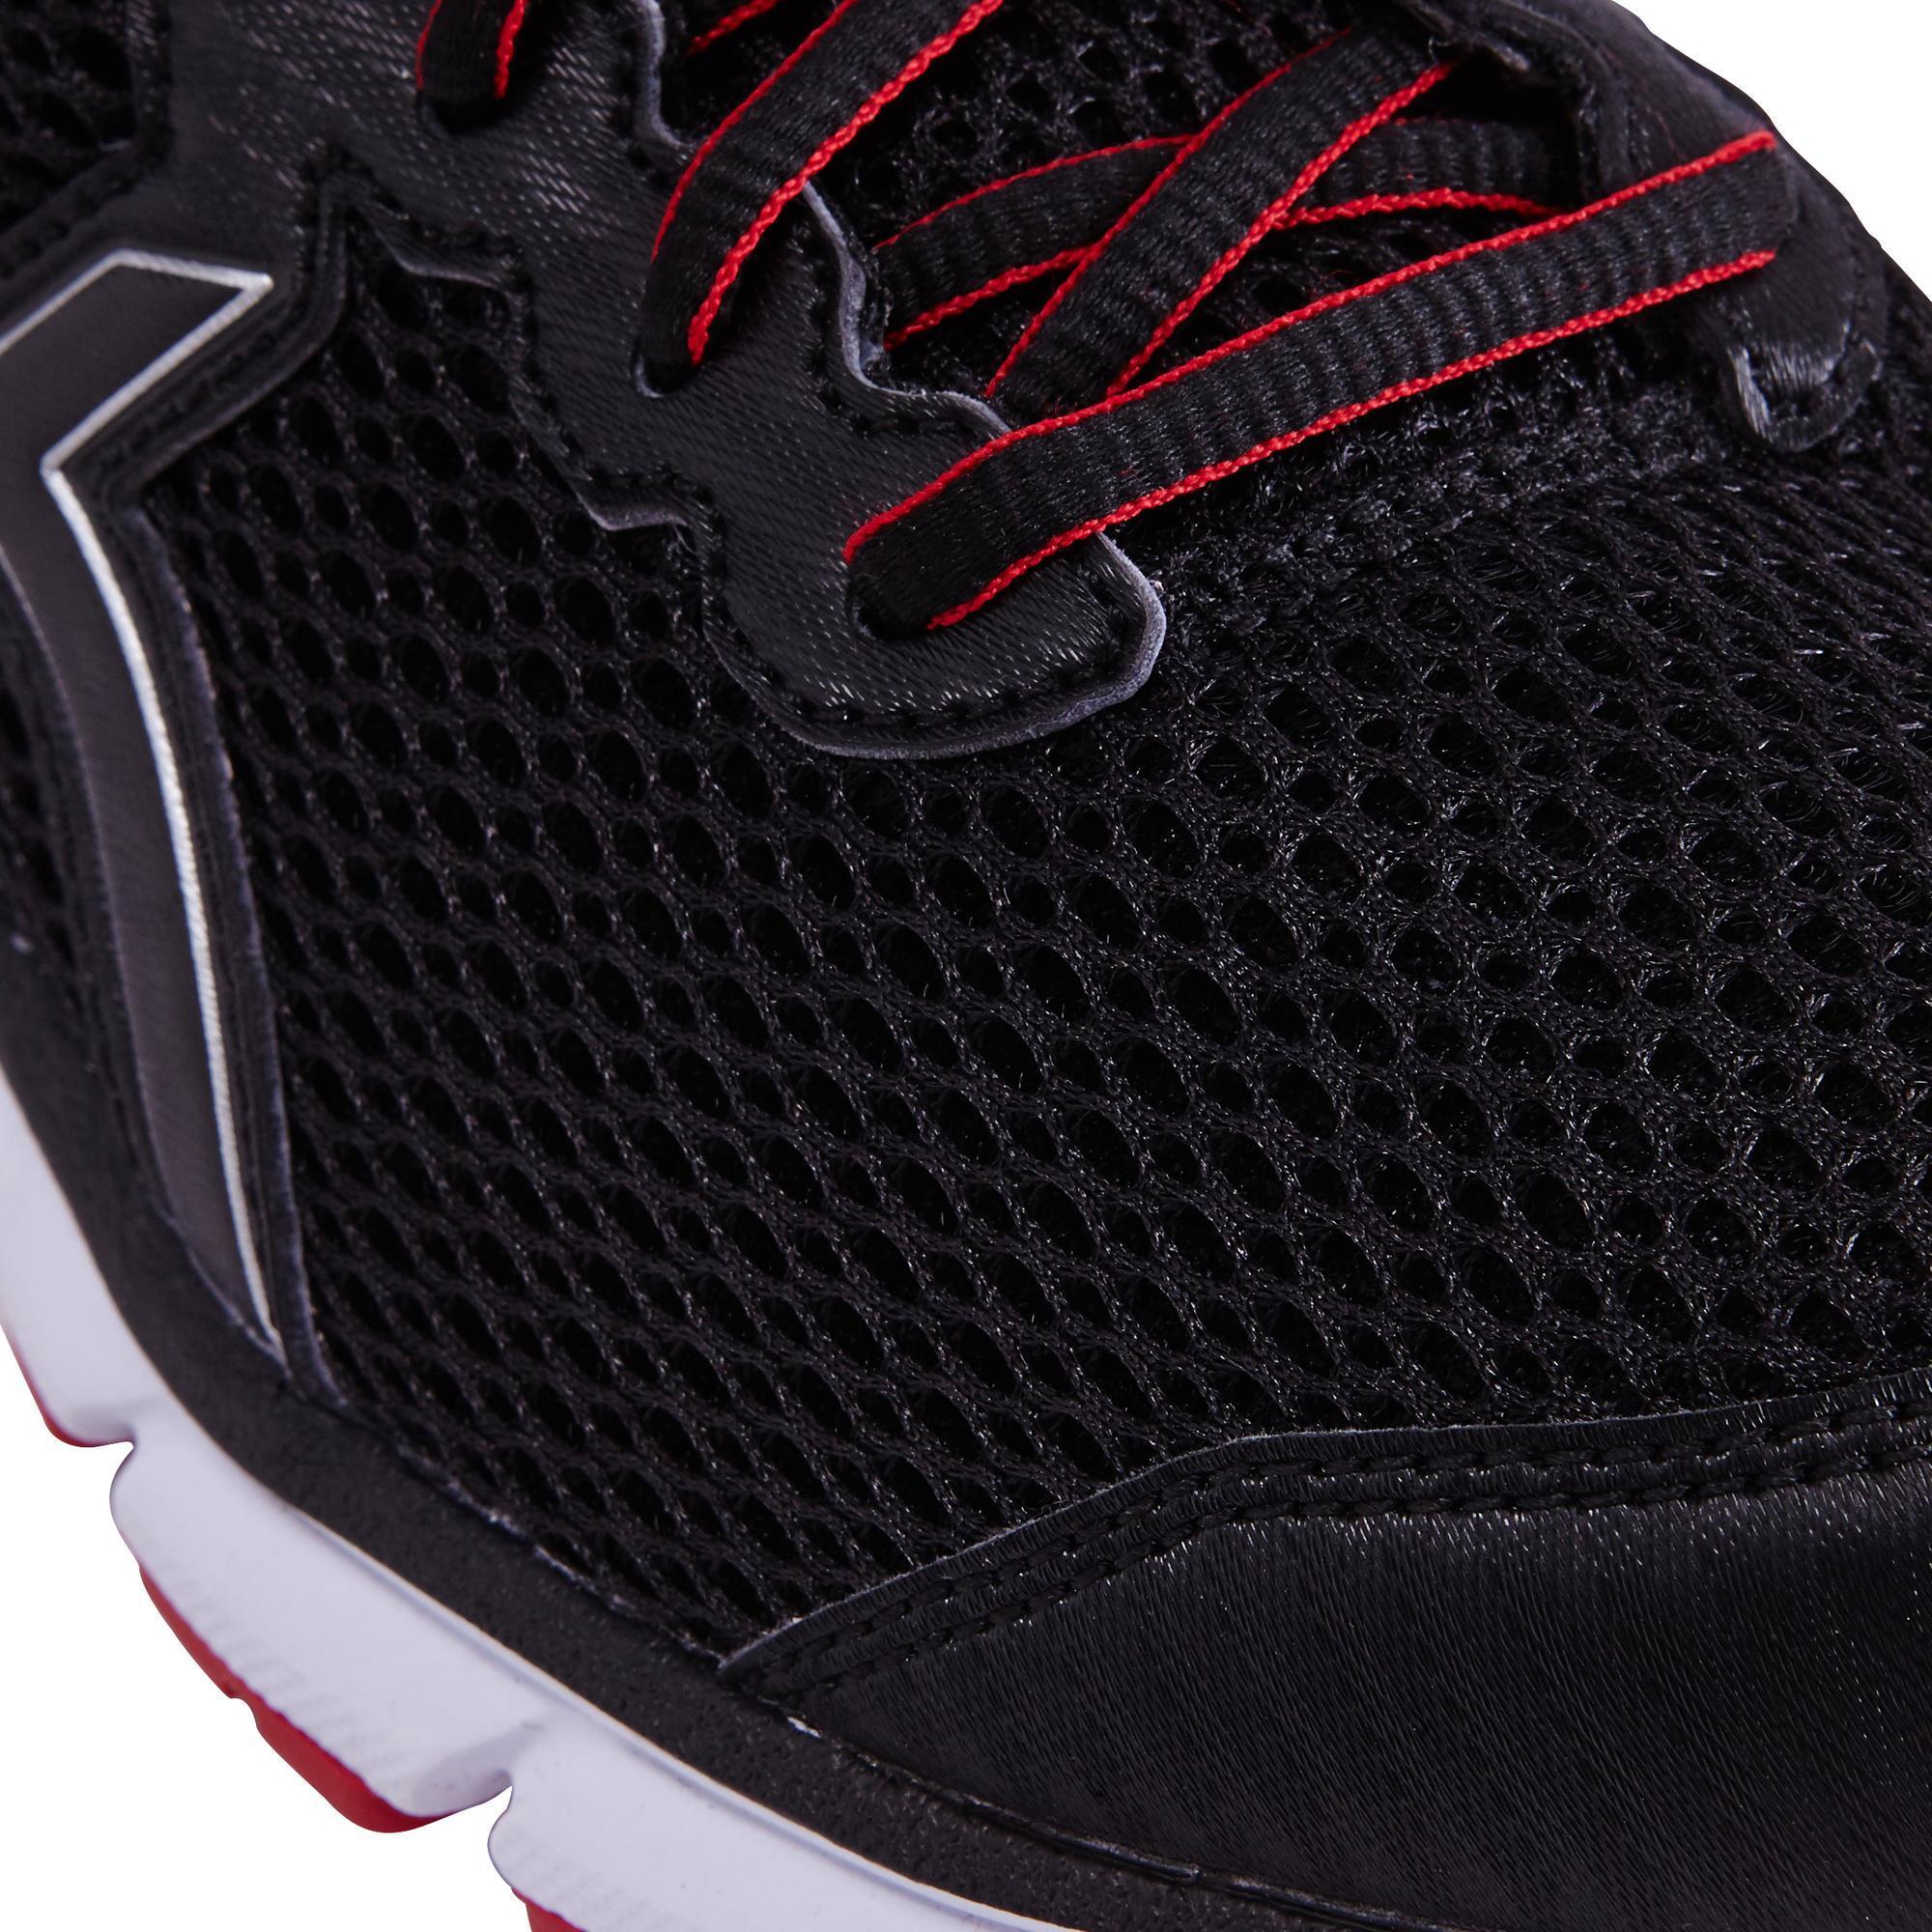 Noir Windhawk Asics Jogging Homme Chaussures Gel Rouge Decathlon qap0wgxIp  ... cc7d013c6a8